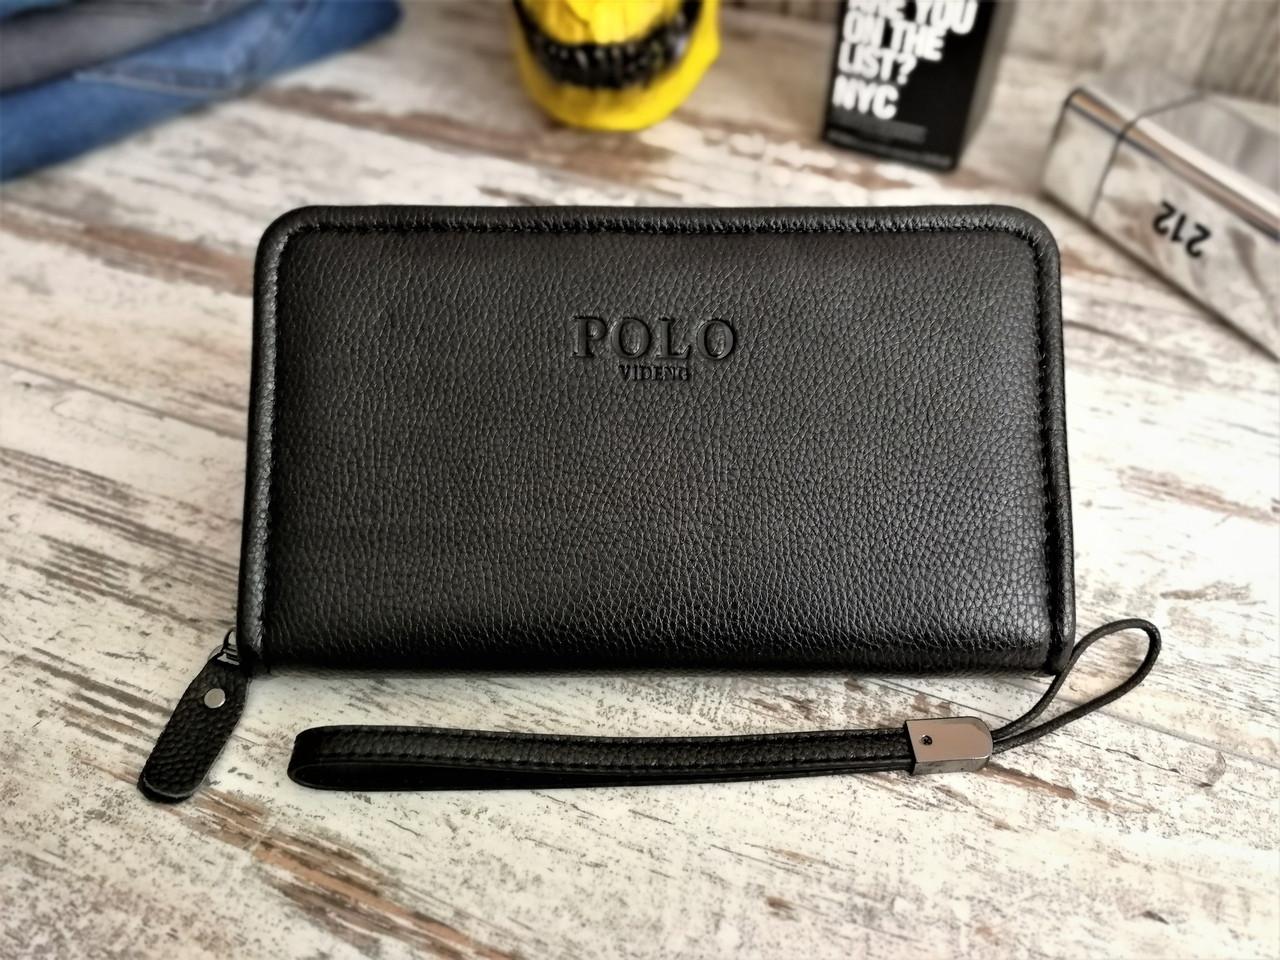 Мужской кошелек - портмоне Polo, черного цвета. ТОП КАЧЕСТВО!!! Реплика